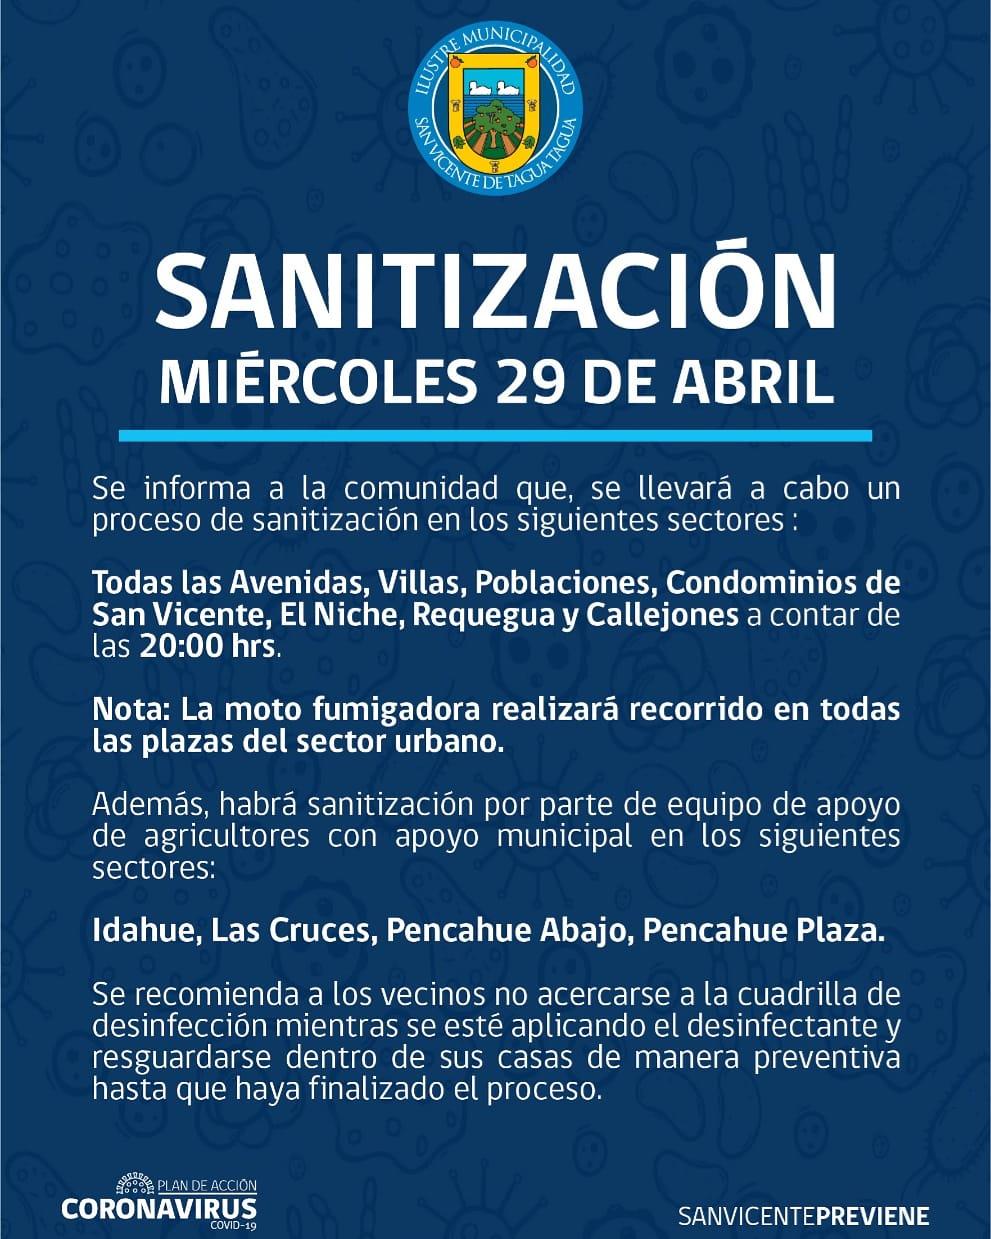 SE INFORMA SANITIZACIÓN PROGRAMADA PARA HOY MIÉRCOLES 29 DE ABRIL